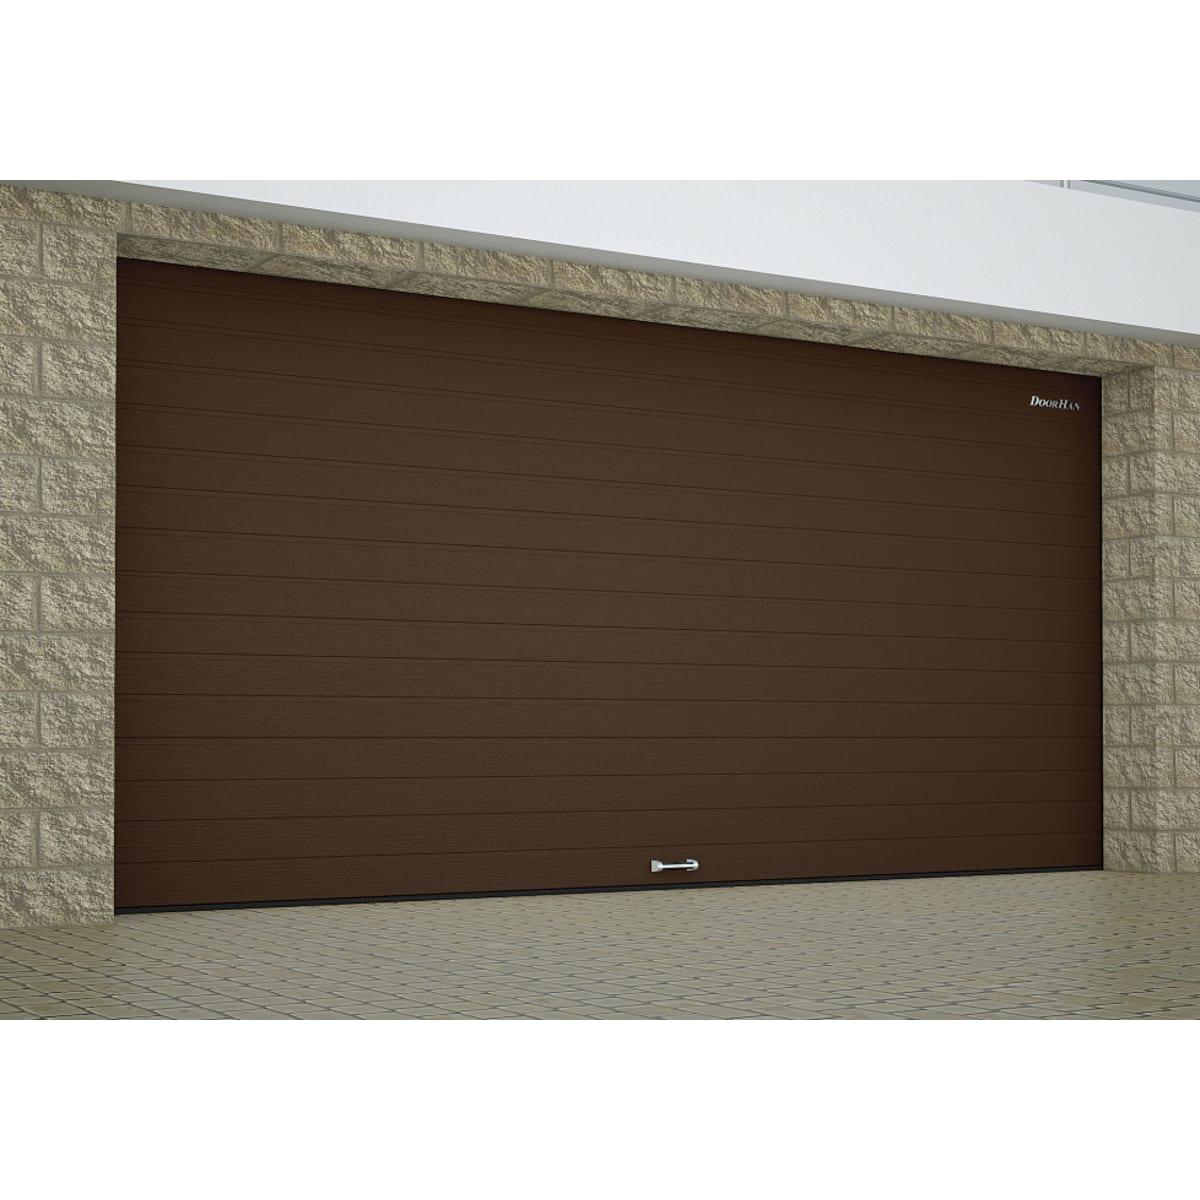 Ворота секционные RSD01SС №9, 3000x2515 мм, цвет коричневый